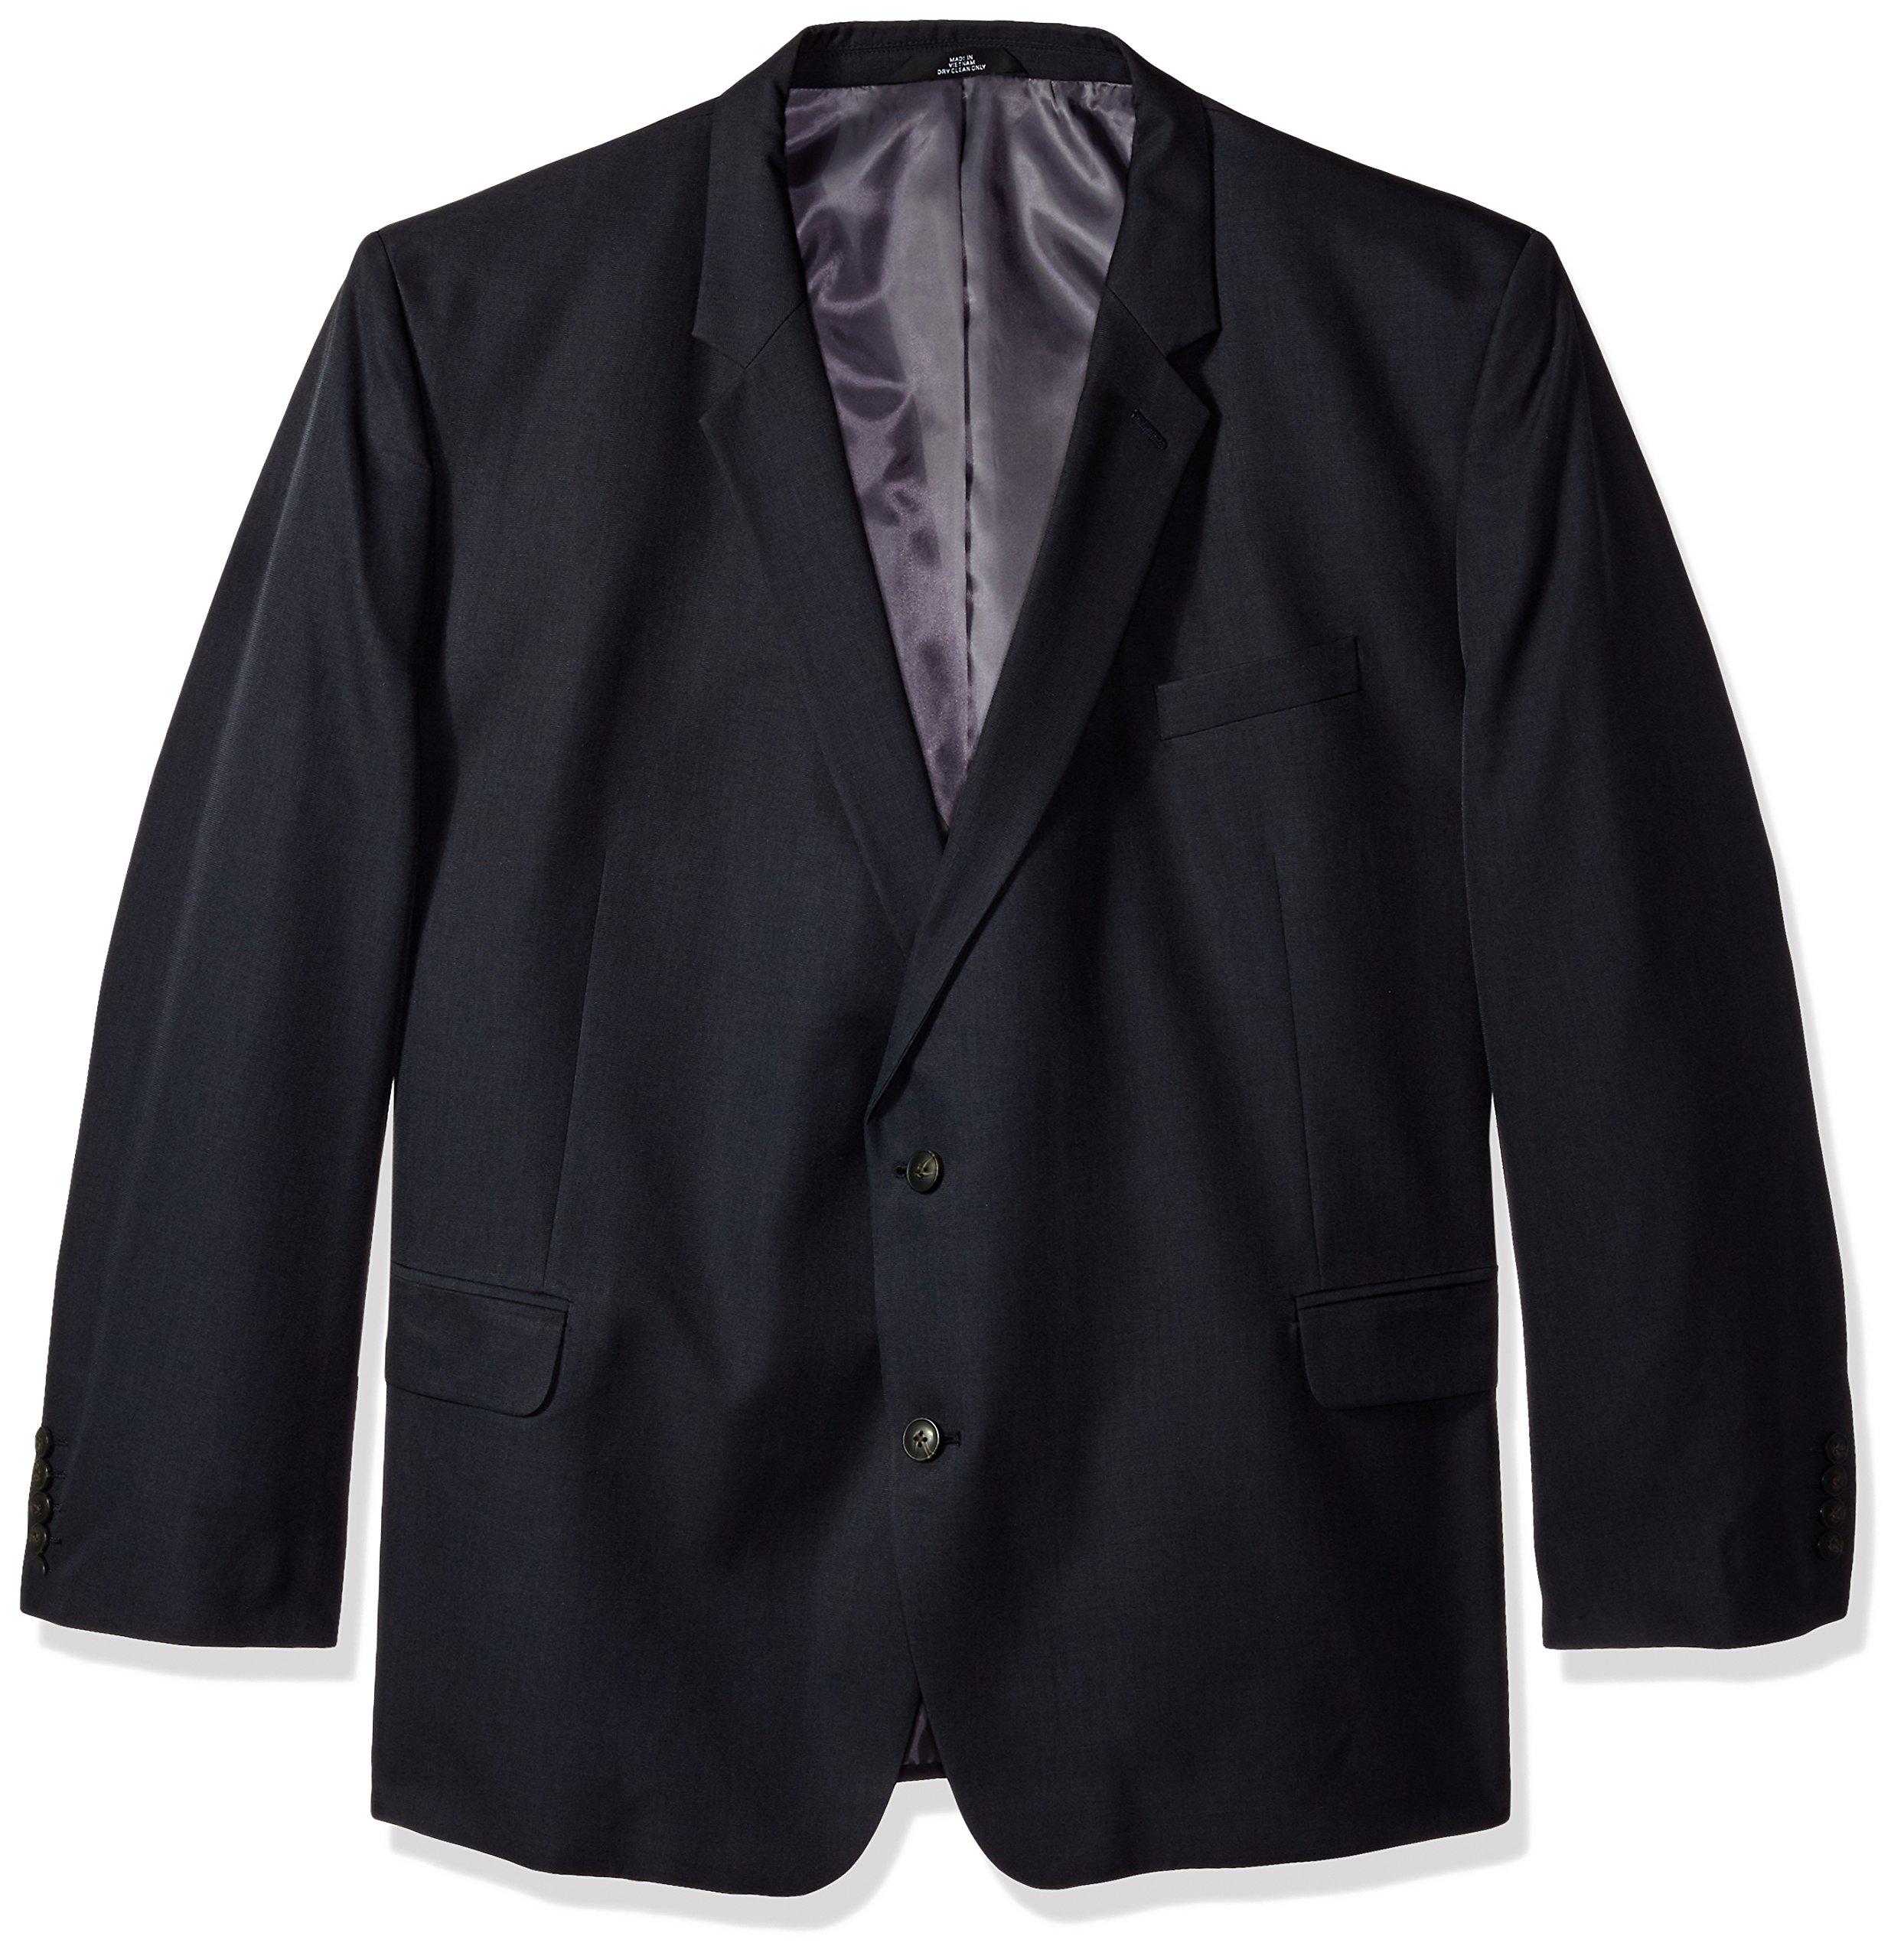 Haggar Men's Big and Tall B&t J.m Premium Stretch Classic Fit 2-Button Coat, Dark Navy, 60R